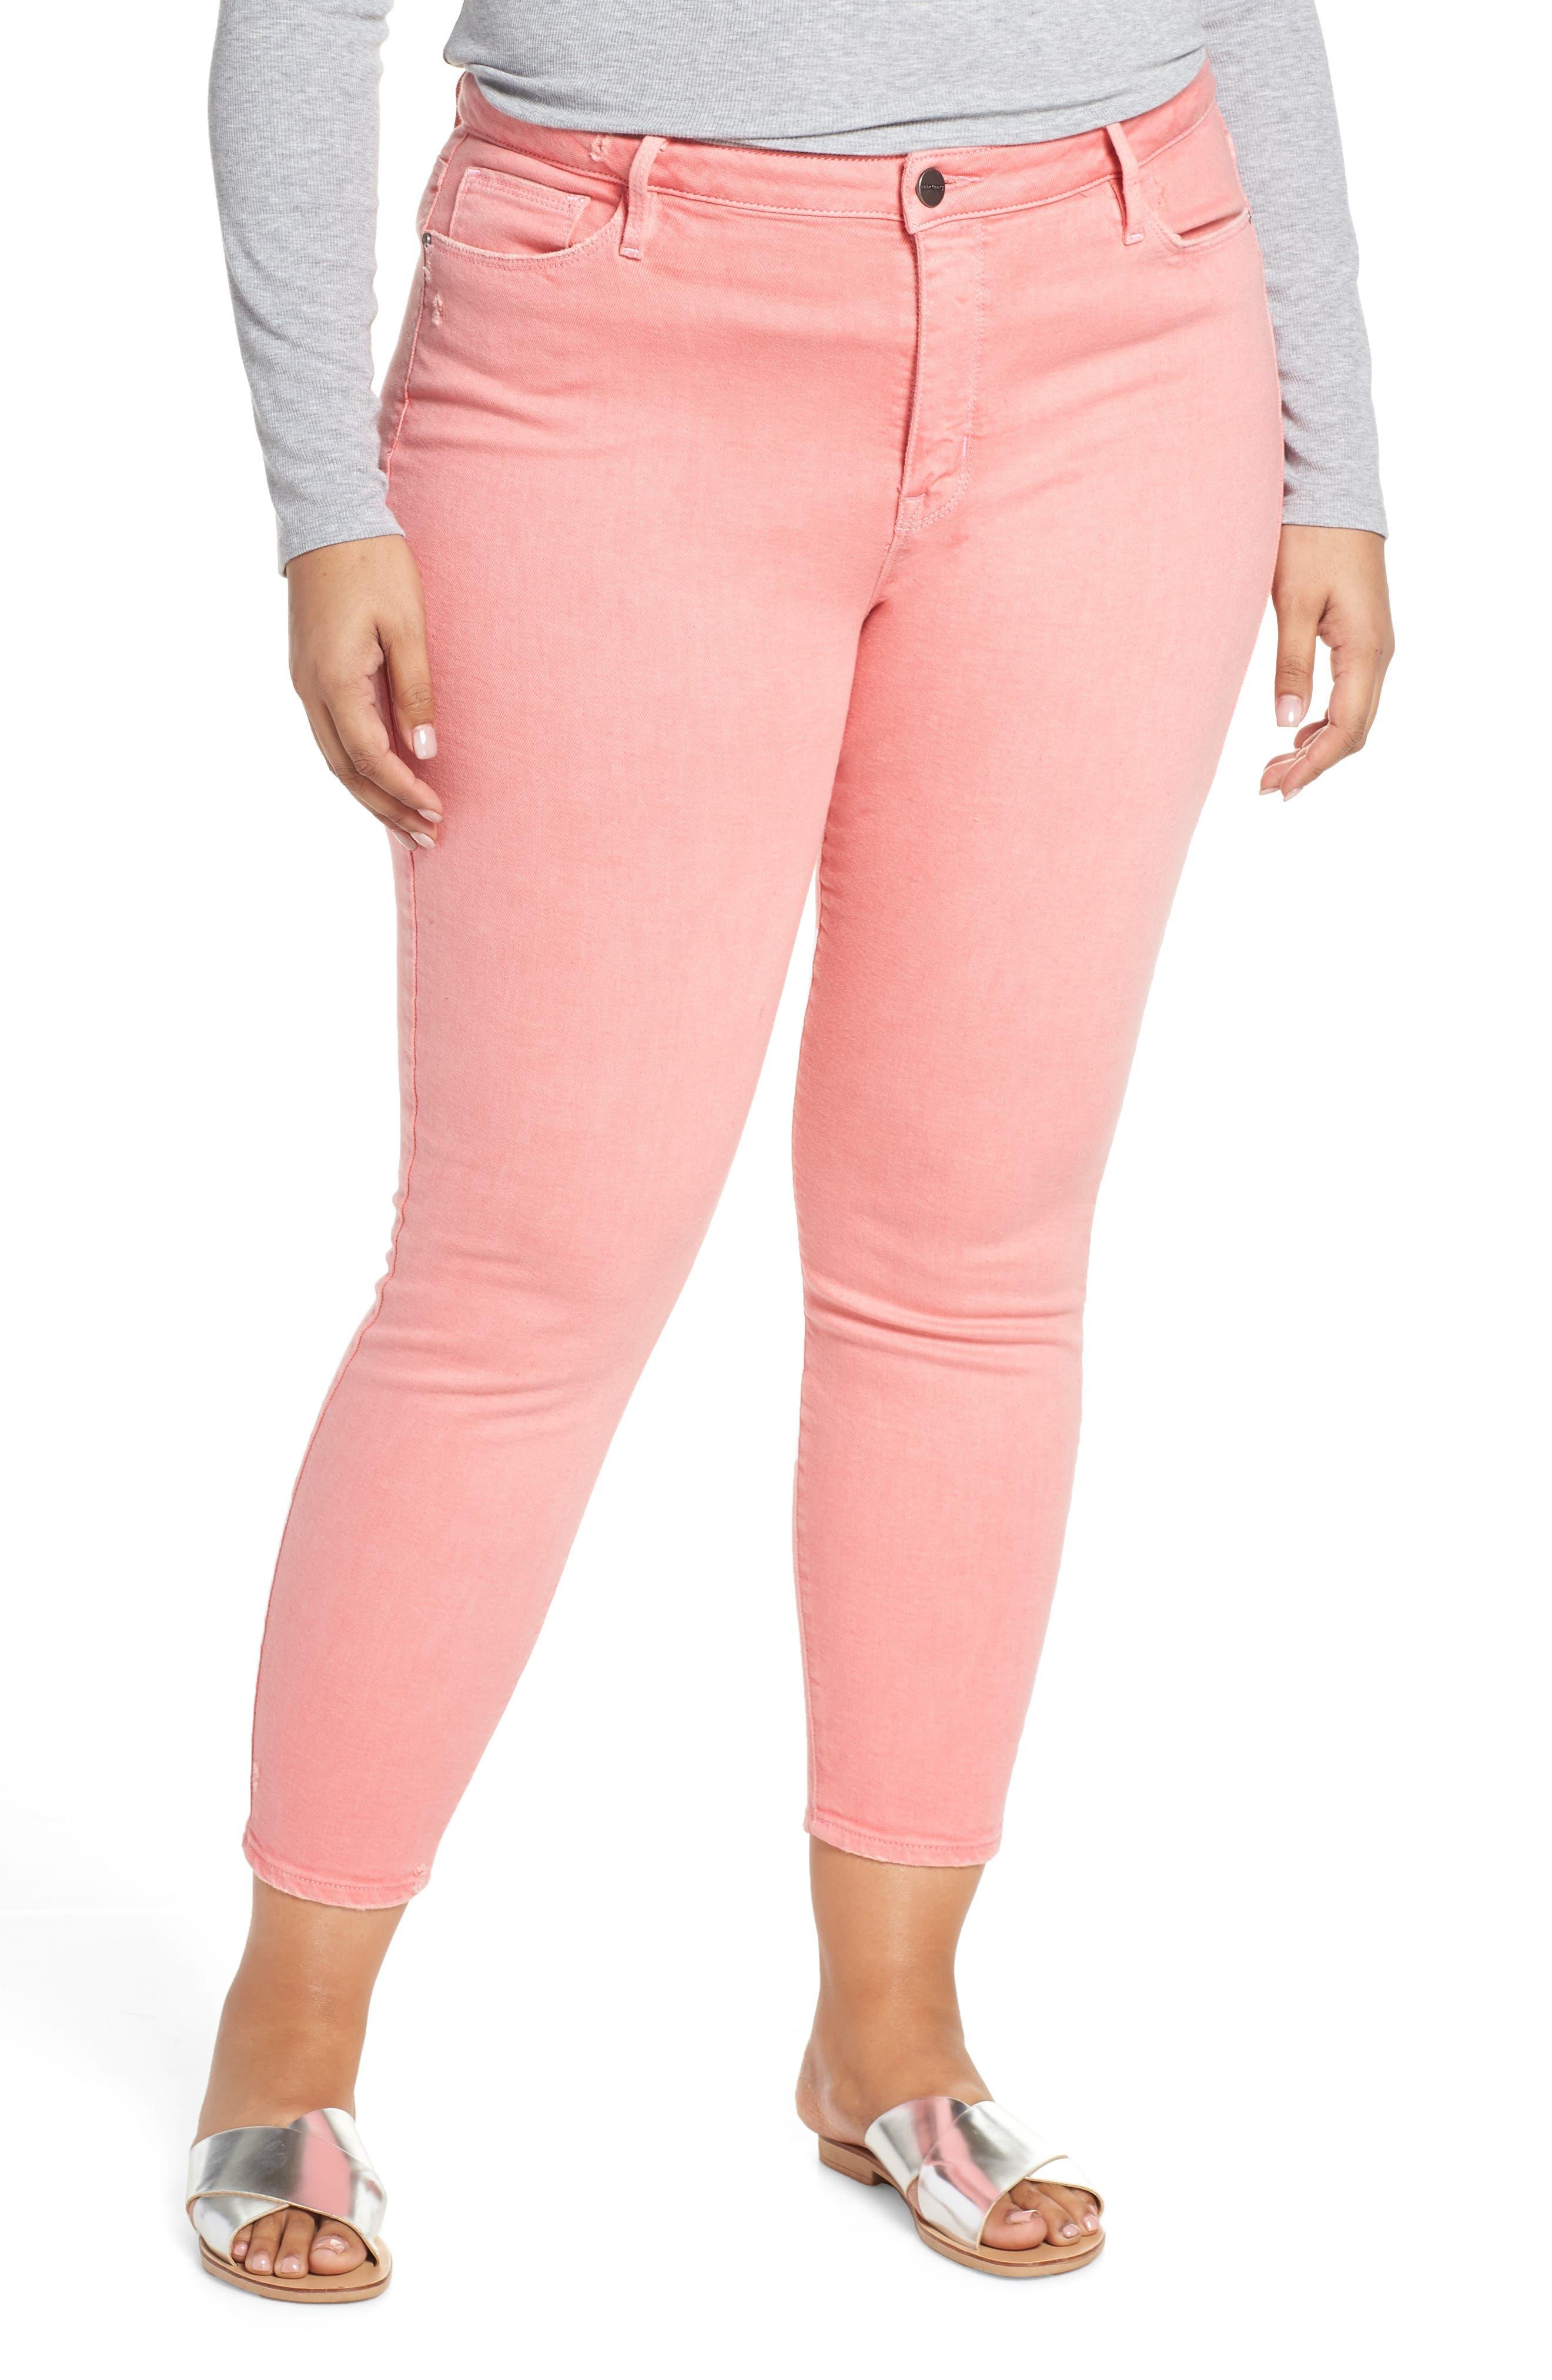 SANCTUARY,                             Social Standard Ankle Skinny Jeans,                             Main thumbnail 1, color,                             DK PNK FIZ